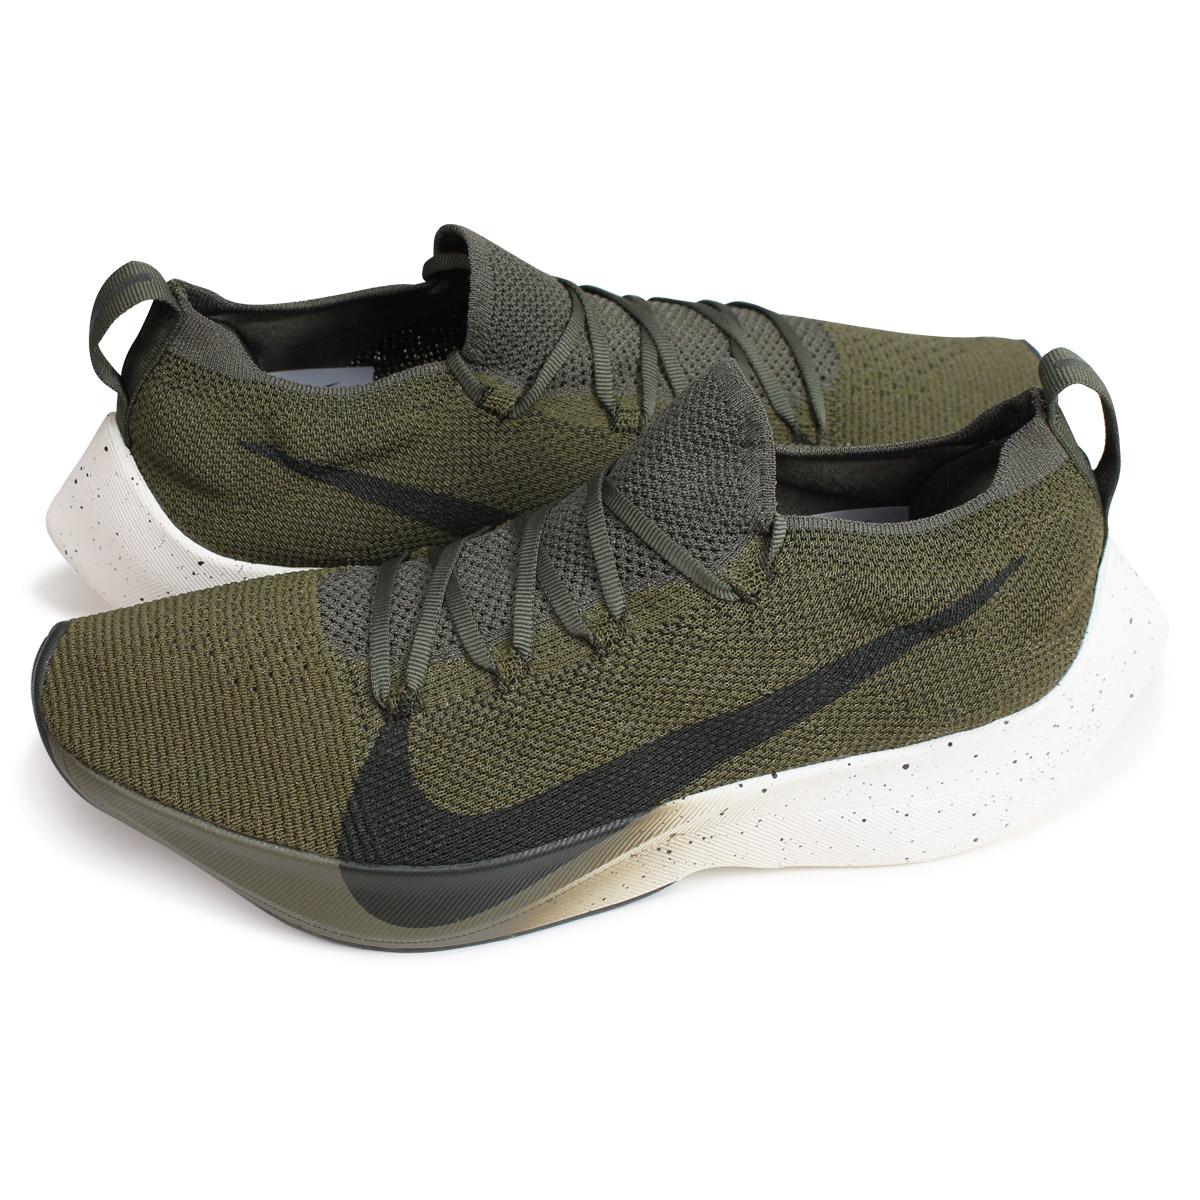 f0912fc2b1 NIKE VAPOR STREET FLYKNIT Nike vapor street sneakers men AQ1763-201 olive  [load planned ...